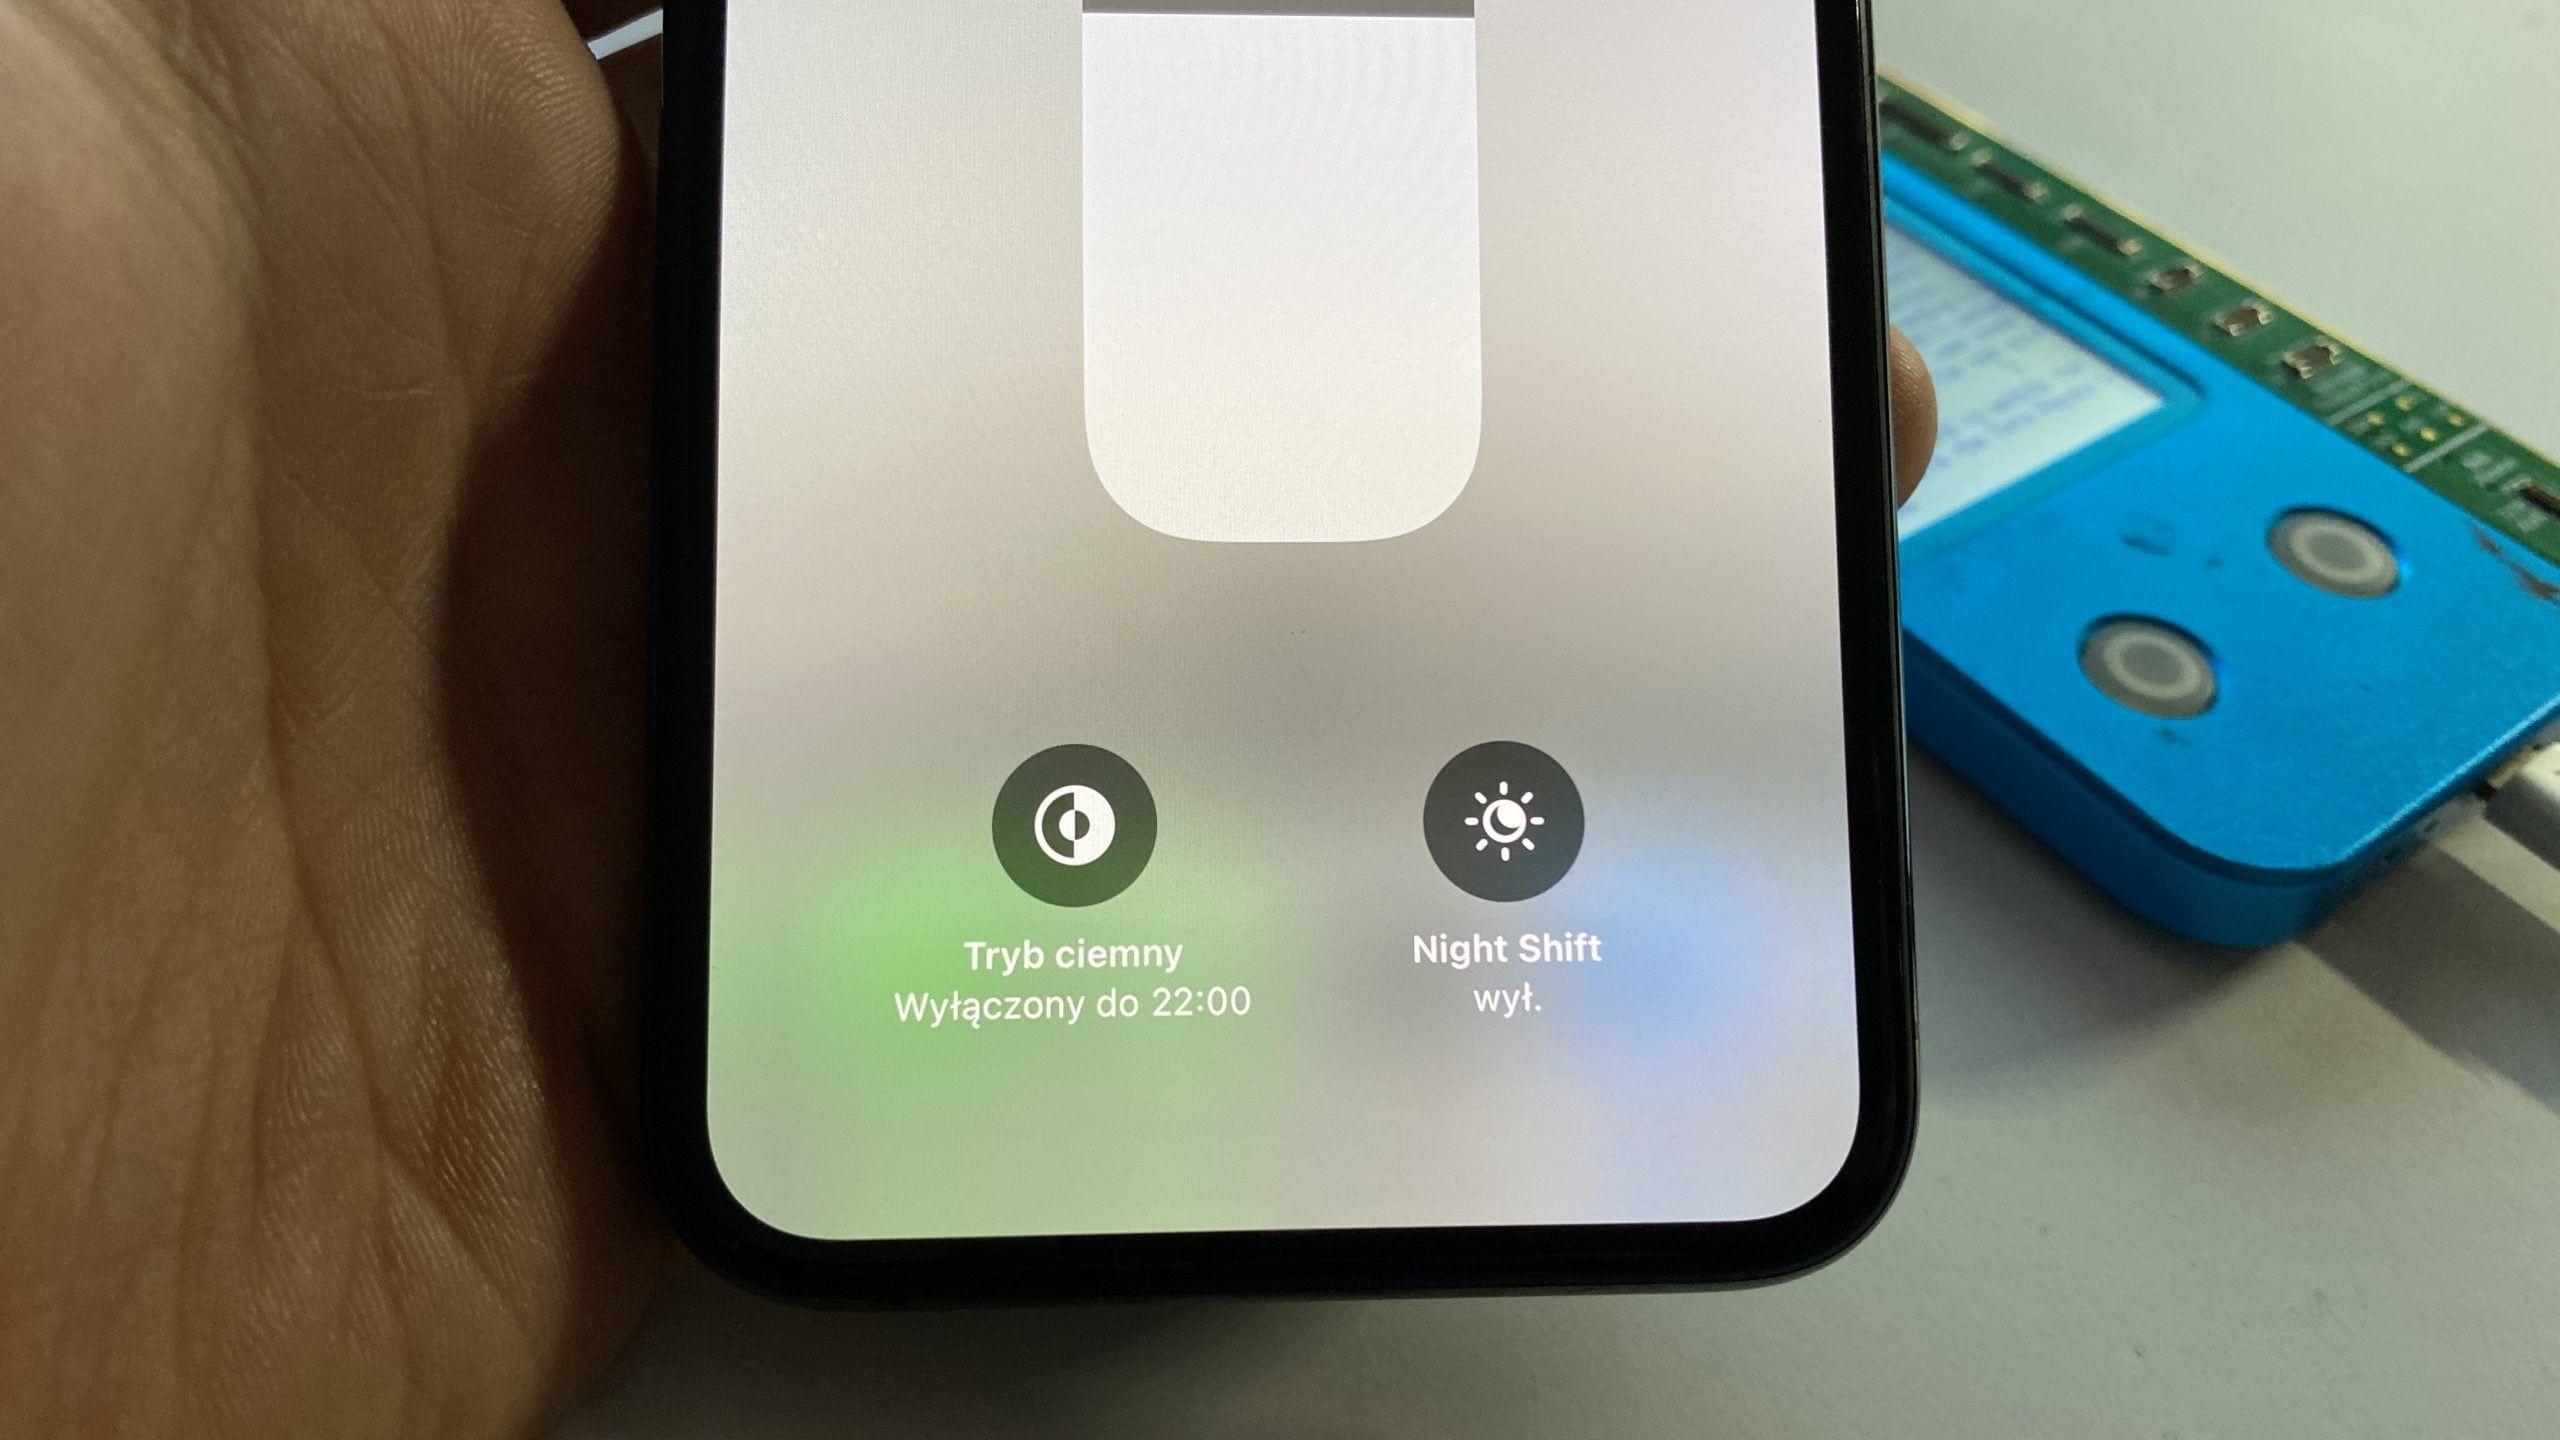 Brak True Tone po wymianie wyświetlacza w iPhone? Naprawa True Tone i ALS bez pierwotnego wyświetlacza w iPhone w serwisie APPLEMOBILE.PL w Szczecinie.